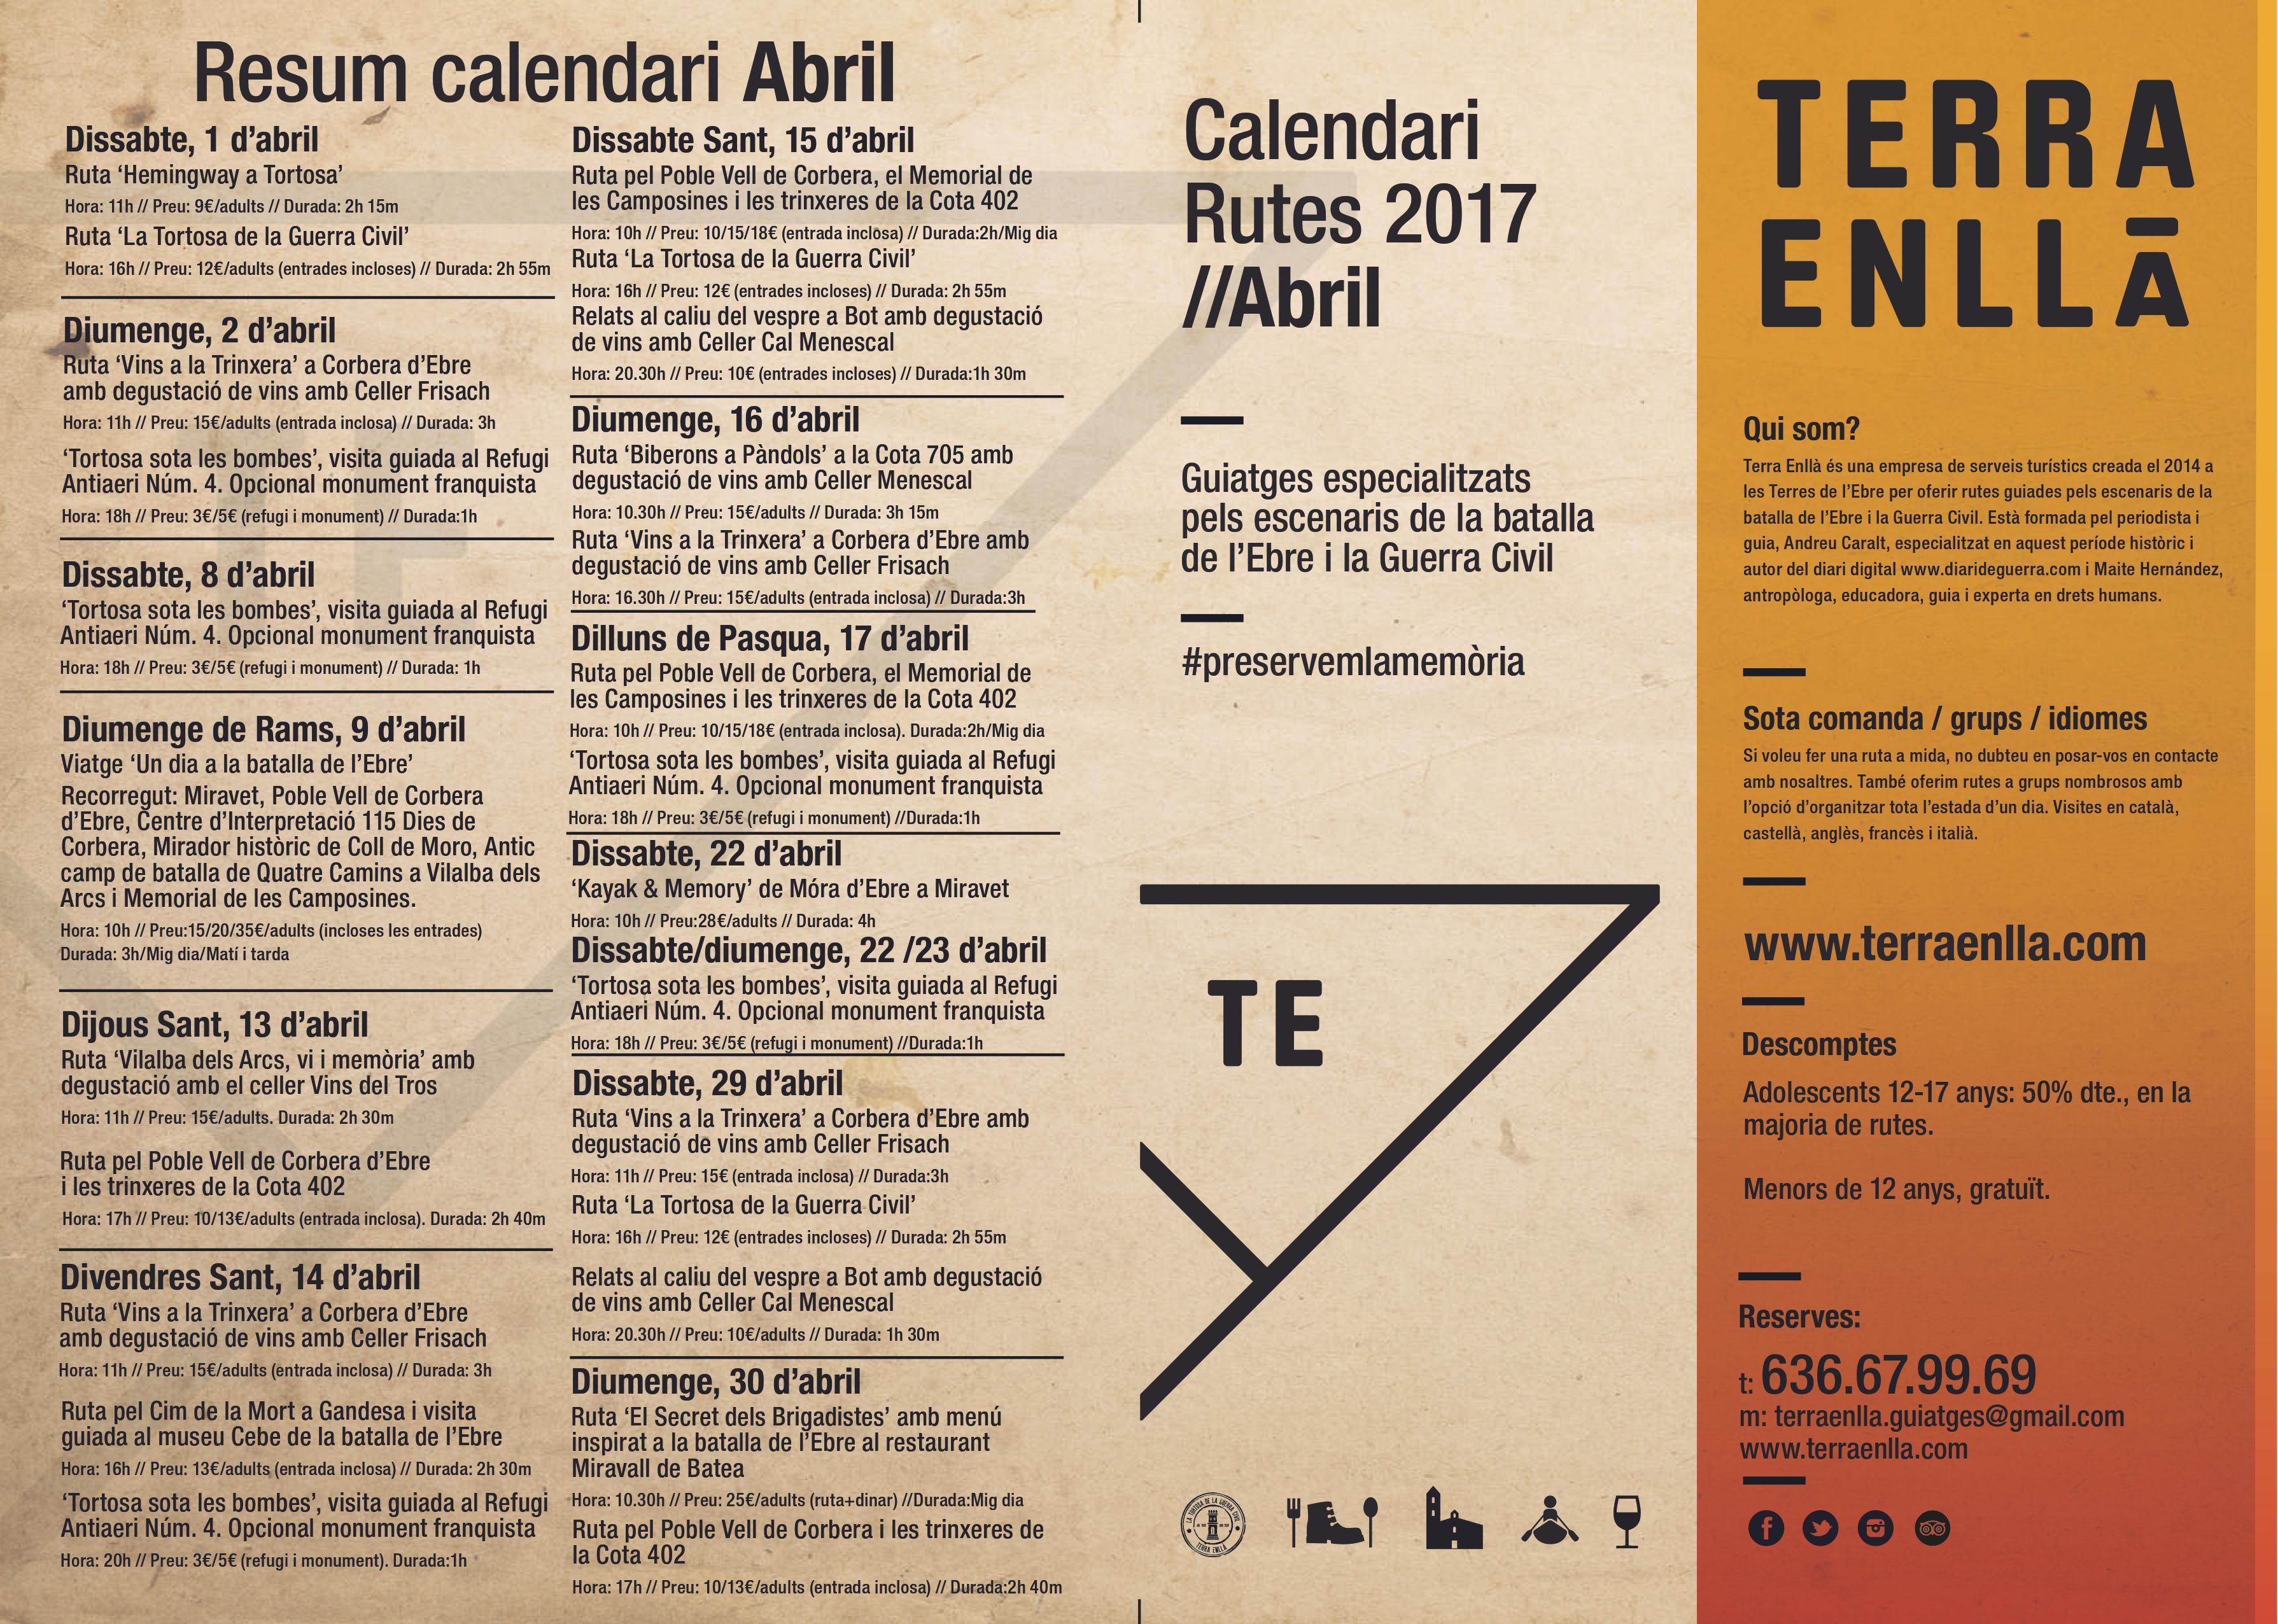 Terra Enllà. Rutes guiades pels escenaris de la batalla de l'Ebre. Abril, 2017